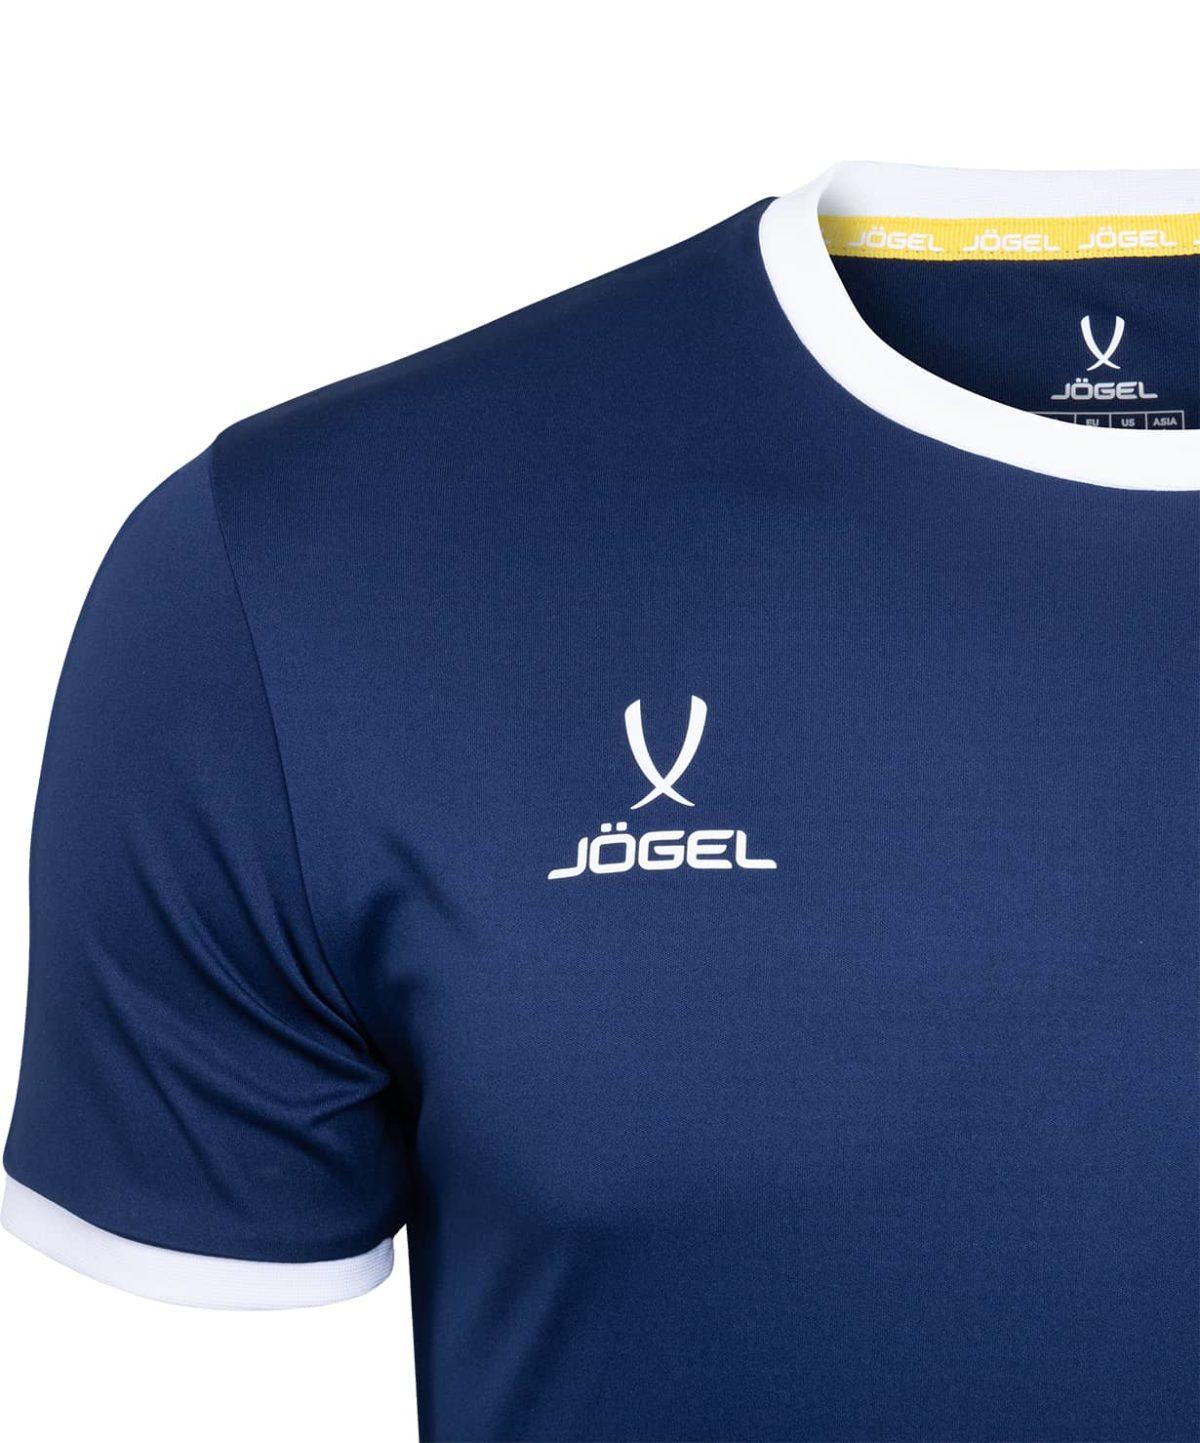 JOGEL CAMP Origin футболка футбольная детская, т.синий/белый  JFT-1020-091-K - 3